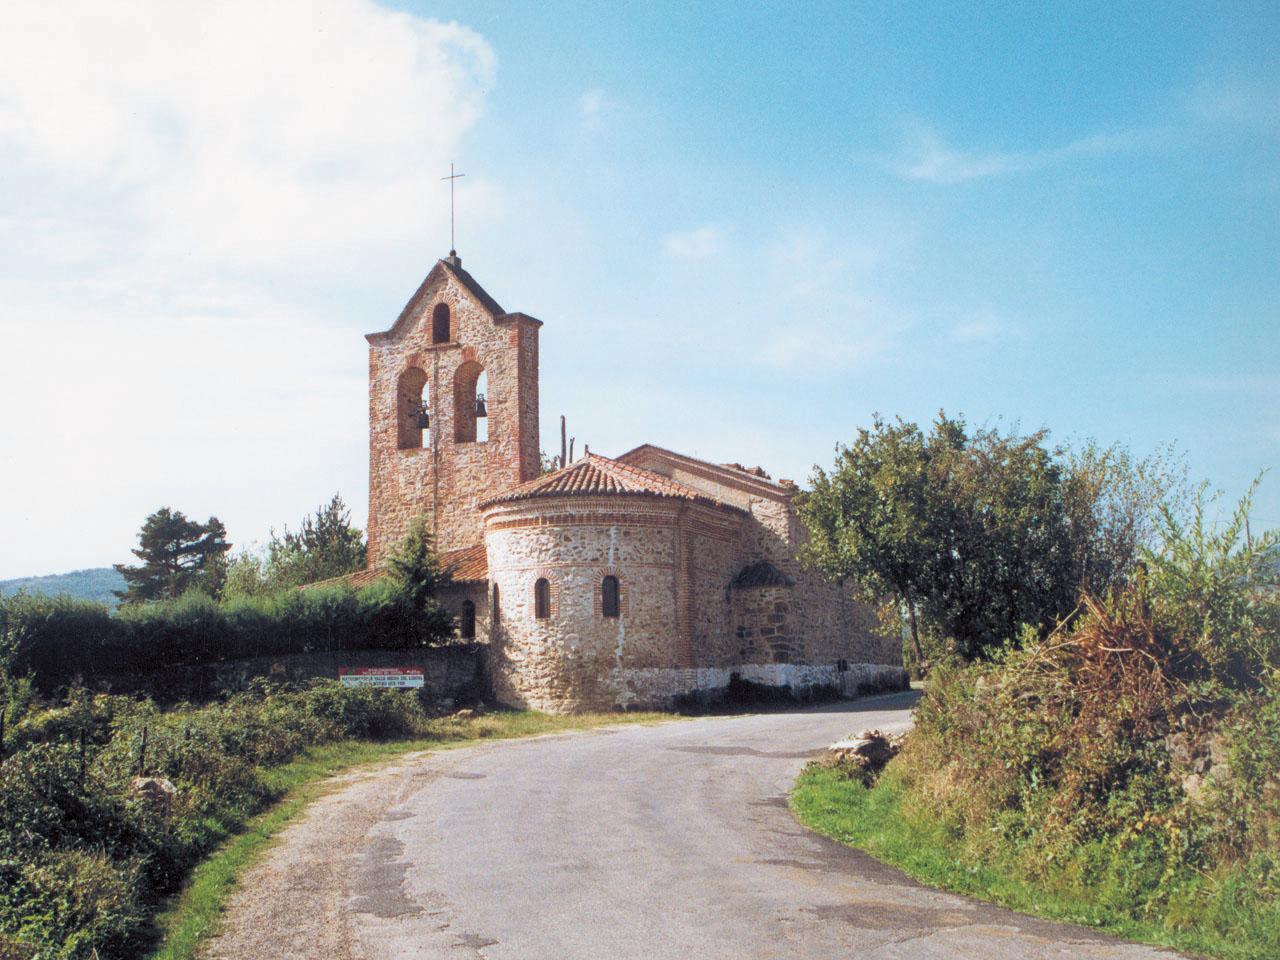 Vista de iglesia en Navarredonda